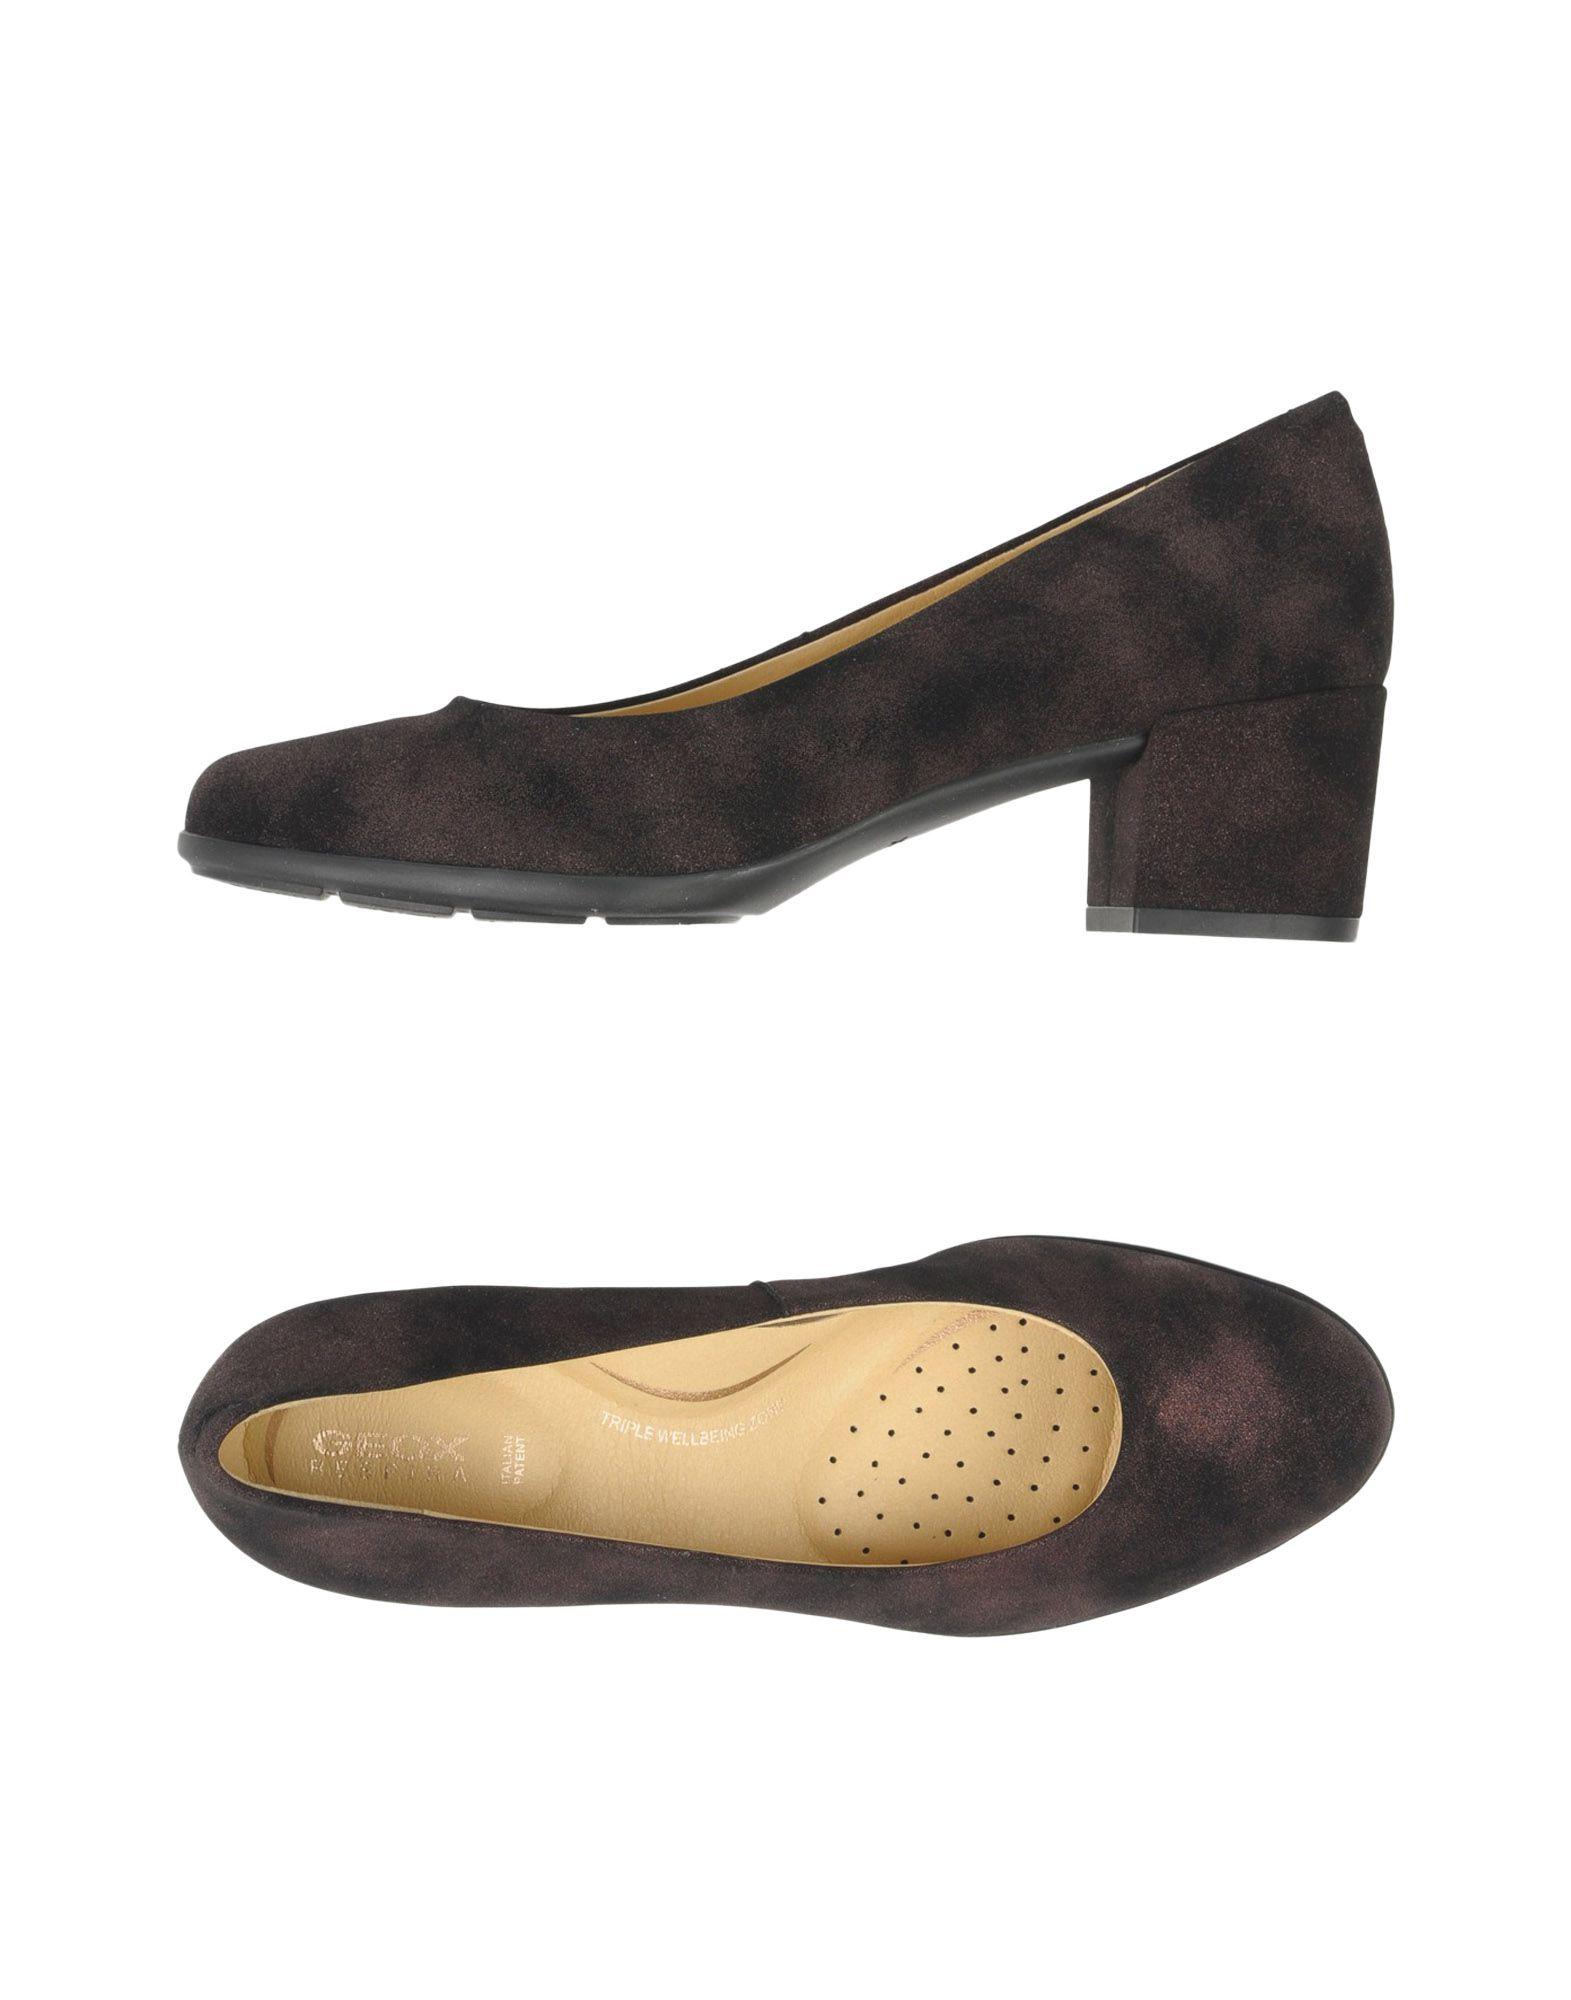 Geox 11315440KU Pumps Damen 11315440KU Geox Gute Qualität beliebte Schuhe c1bf73